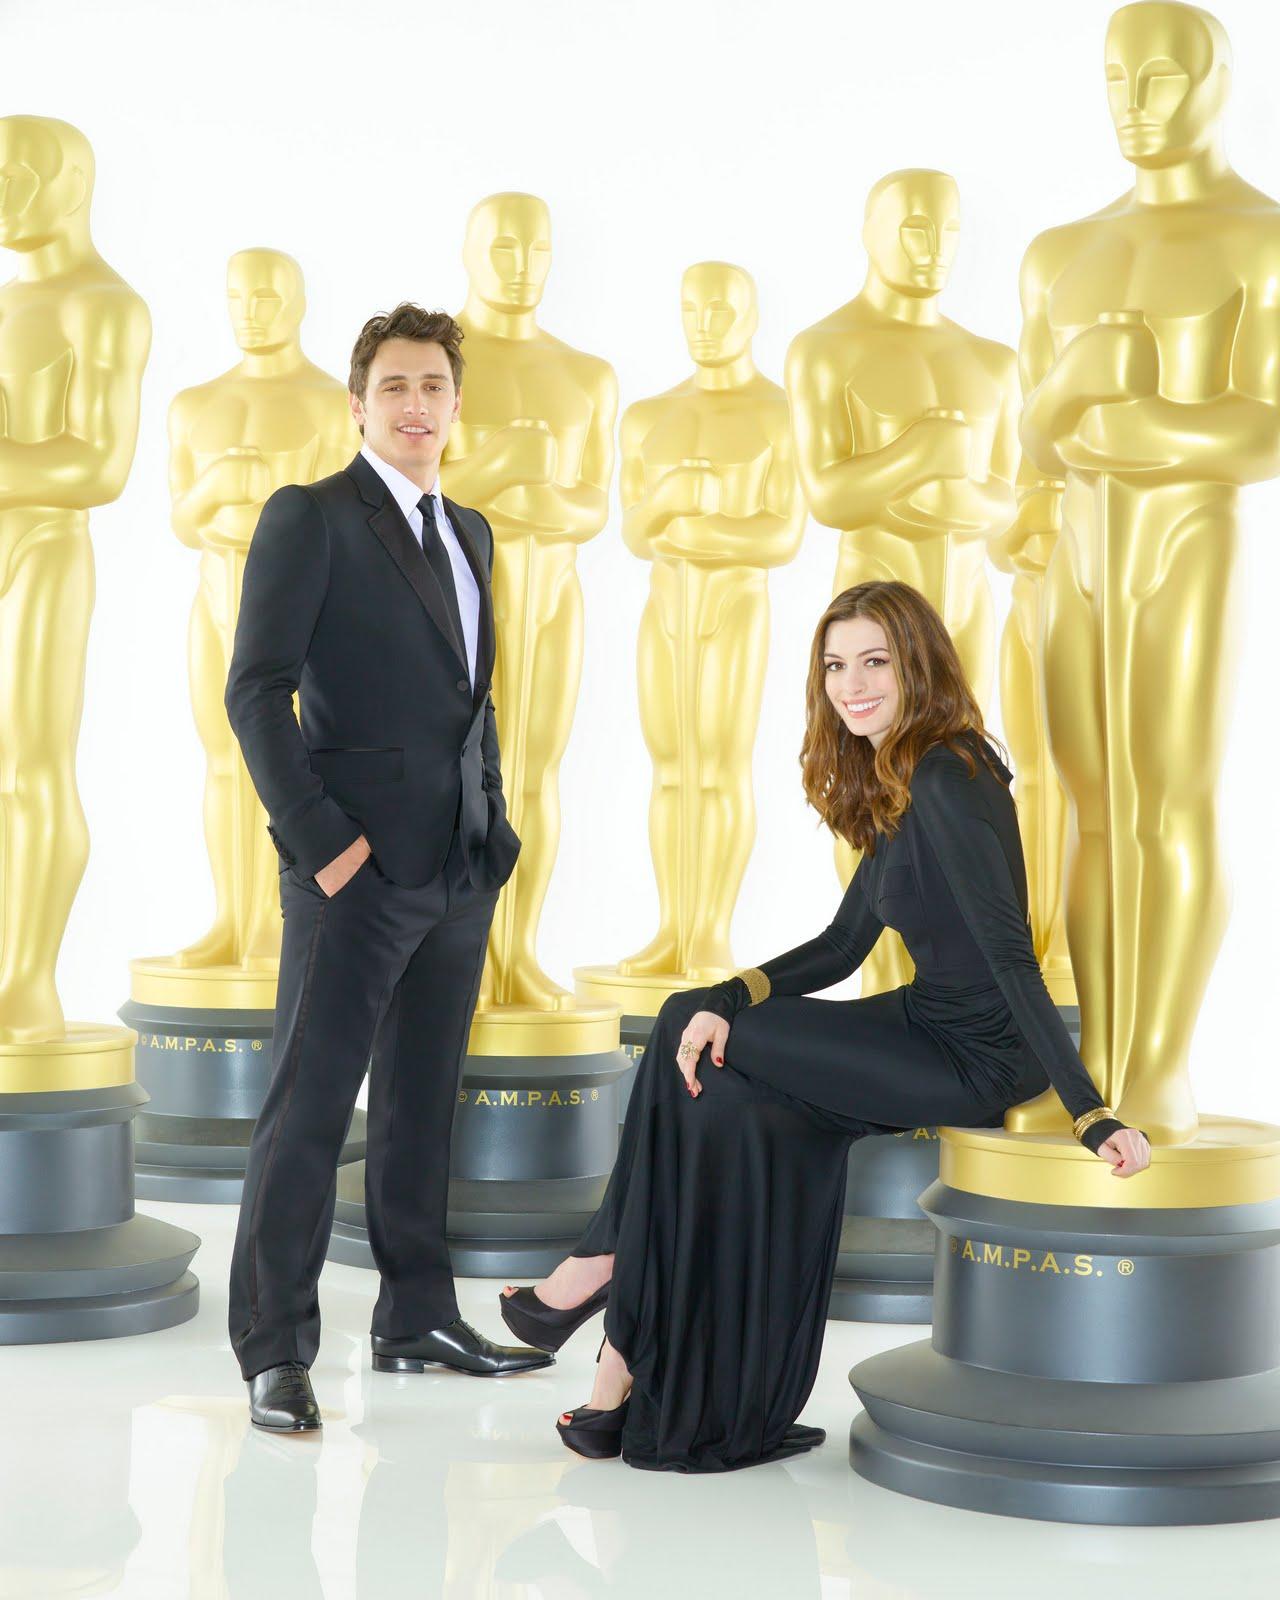 http://1.bp.blogspot.com/-xIDcIRm4Lq8/TWHL1_7SU4I/AAAAAAAAALY/neR9aKSzHY4/s1600/Oscars-1.jpg